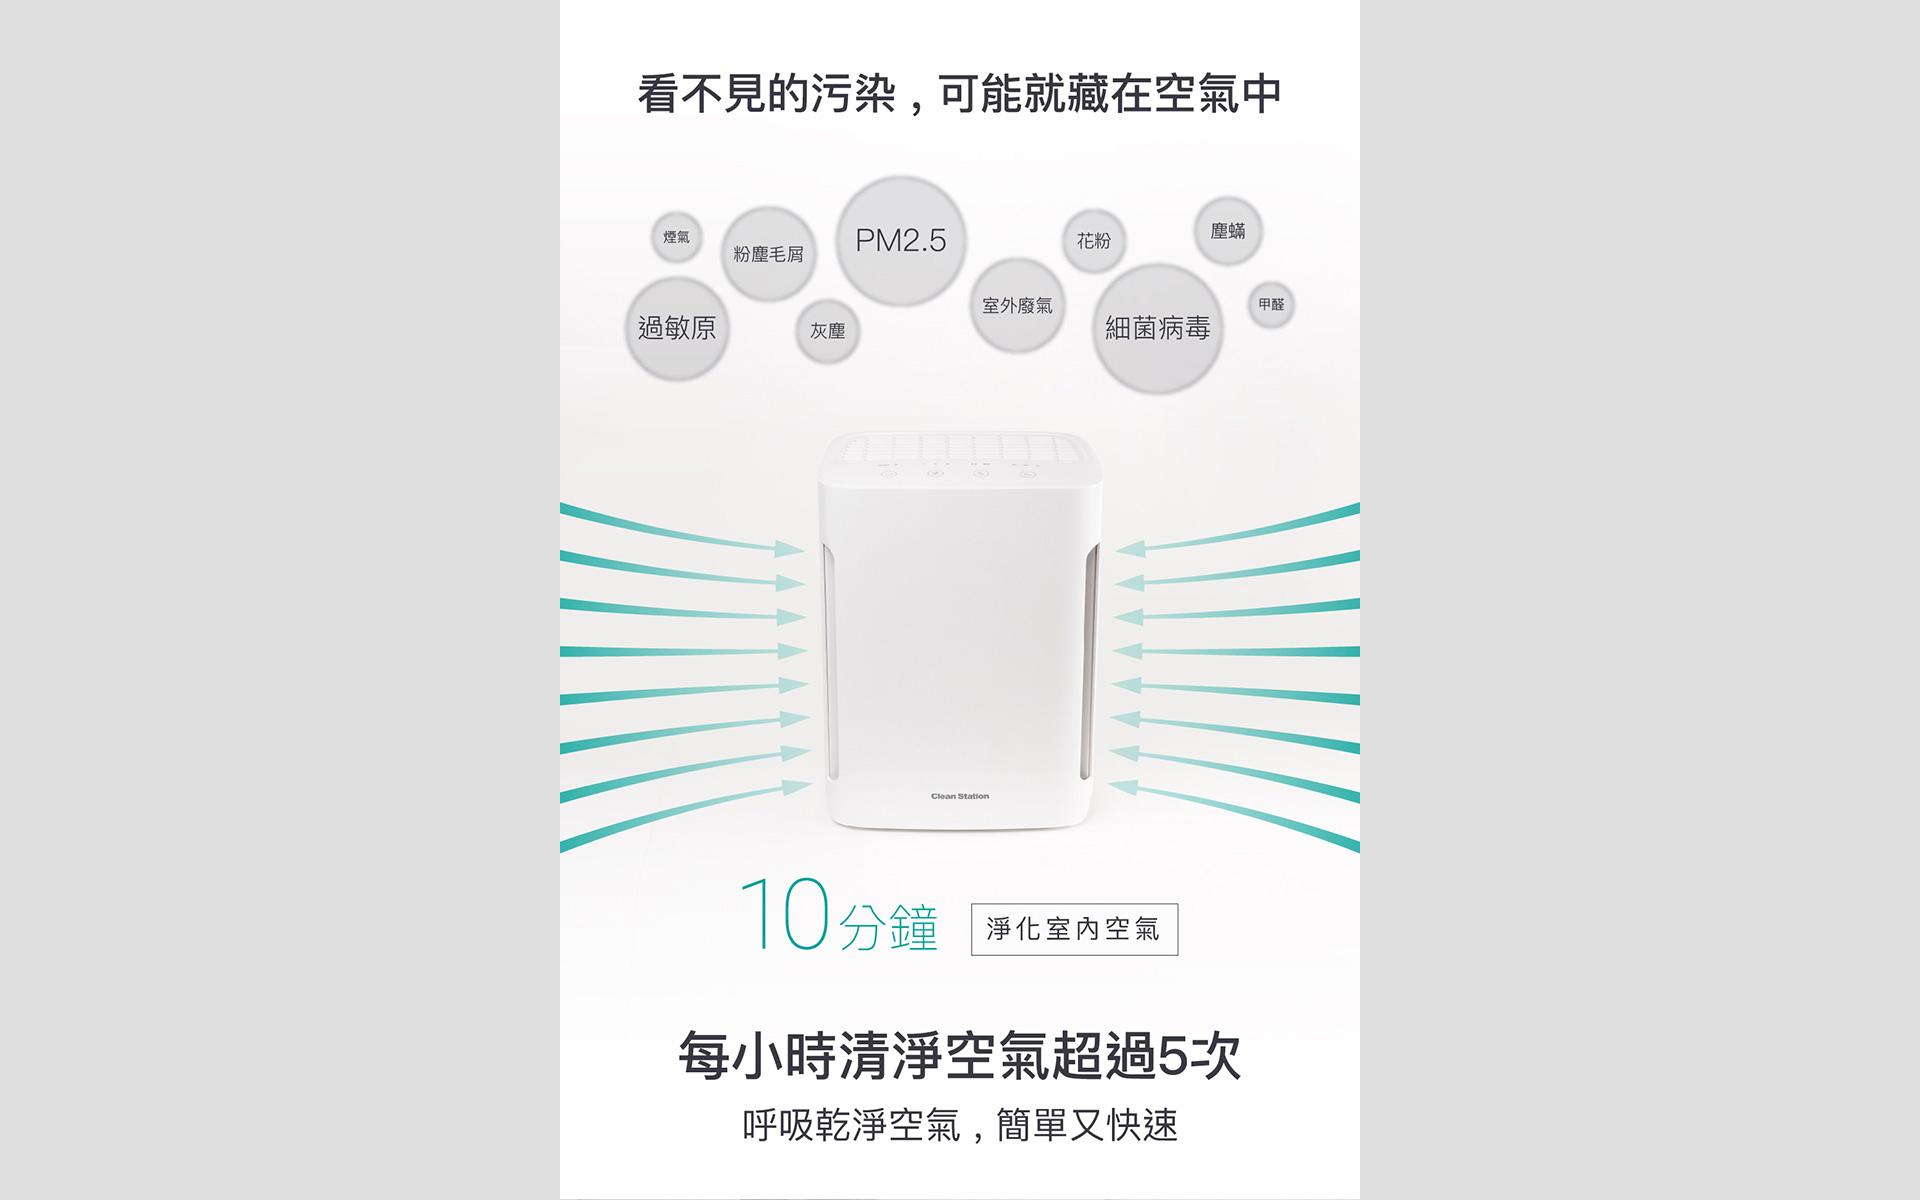 f101_14周年慶-Mobile版_20191104_V4_pc_05